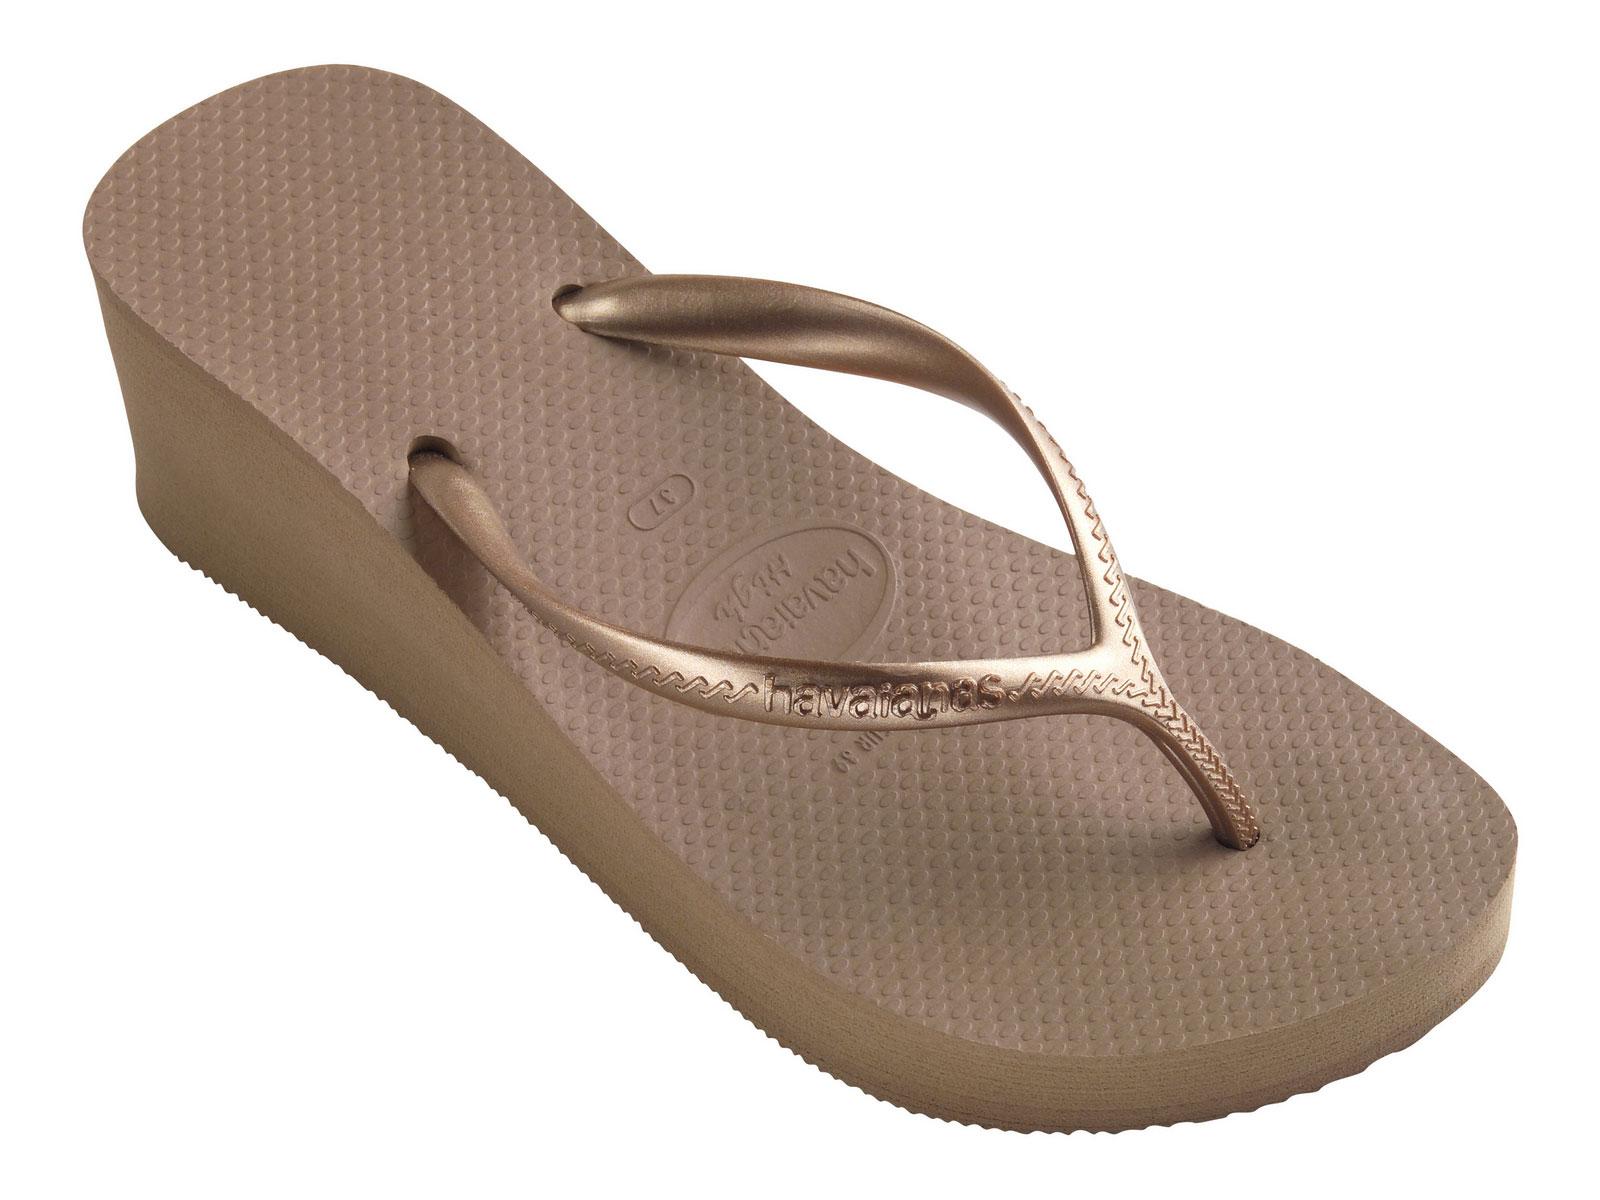 Flip-Flops Flip-Flops - High Fashion Rose Gold - Brand -9717